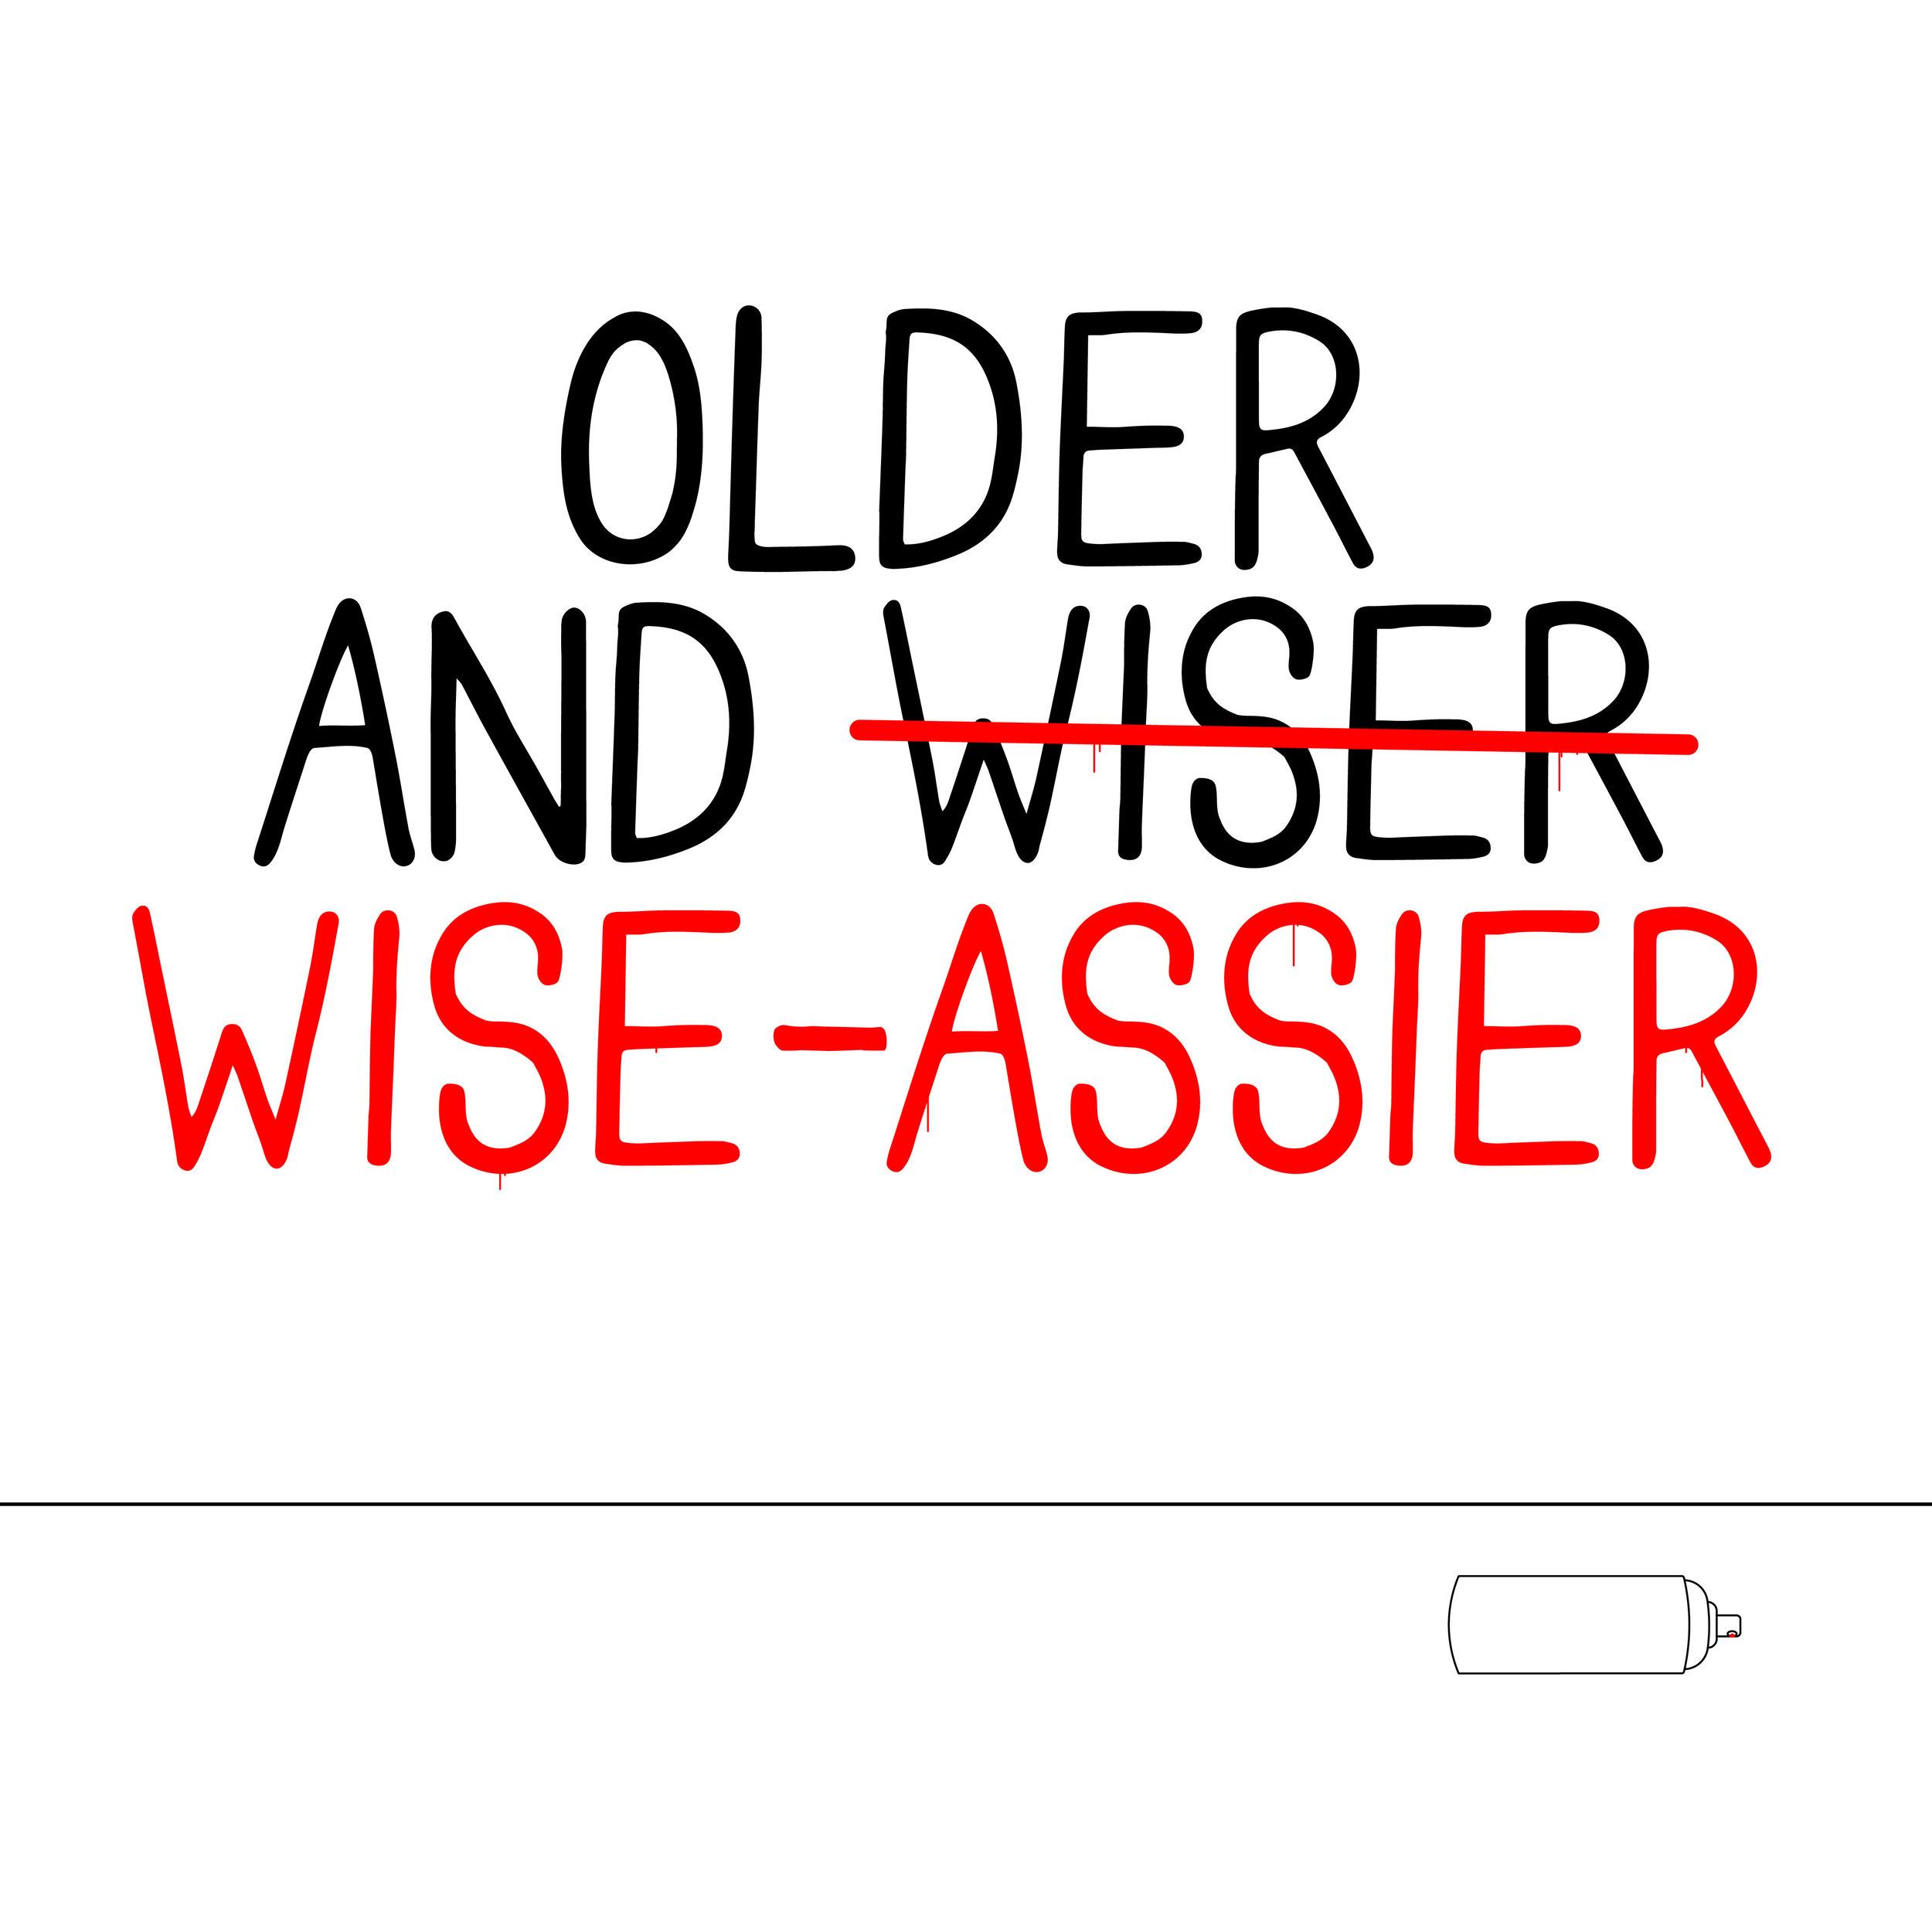 olderandwiser-01.jpg